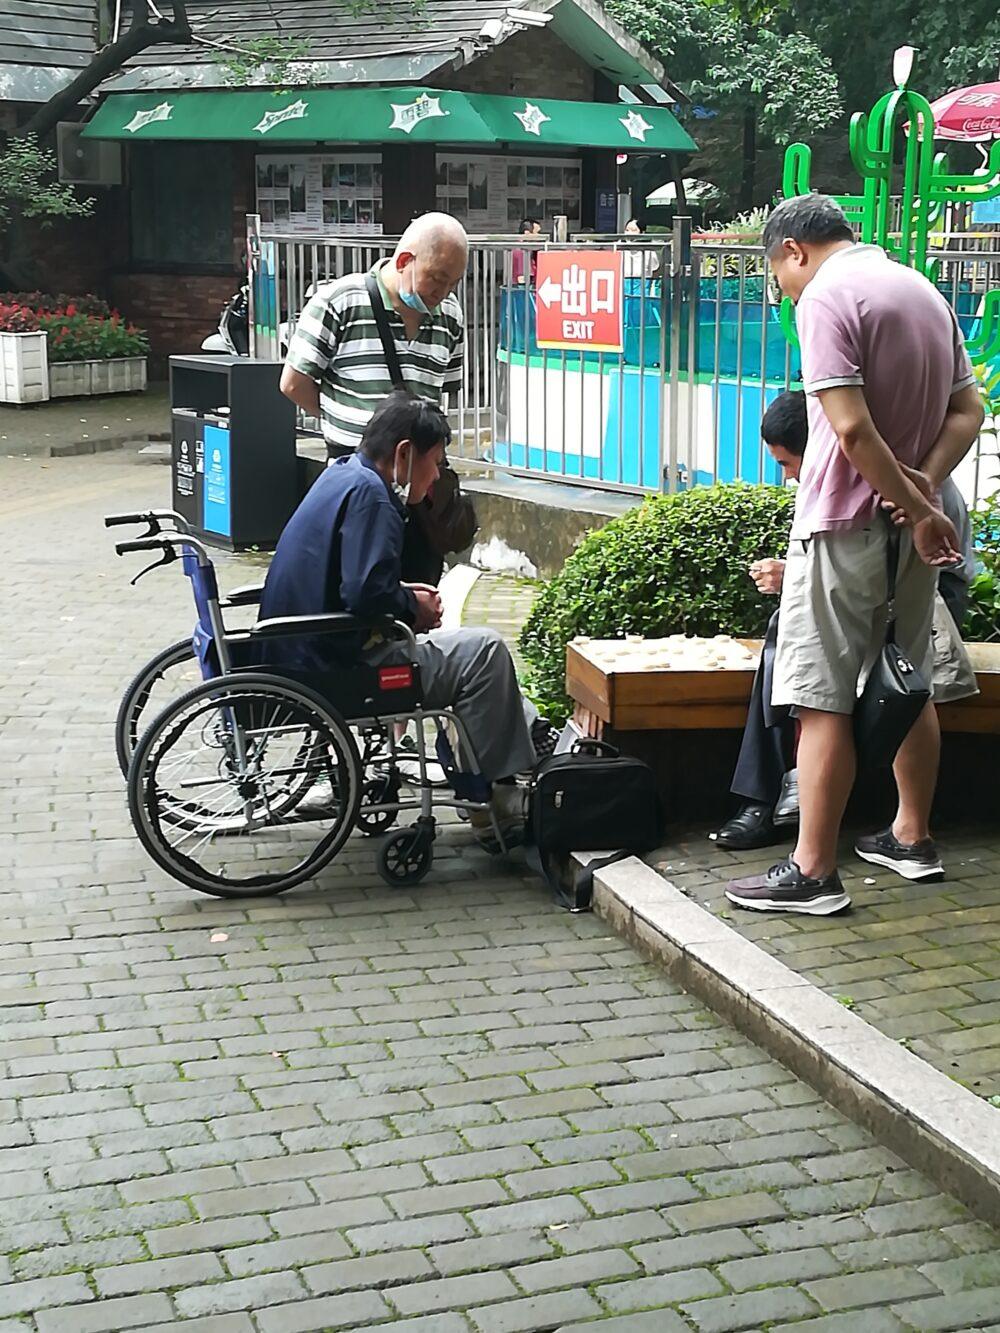 人民公園で象棋をしている現地の人の様子の写真